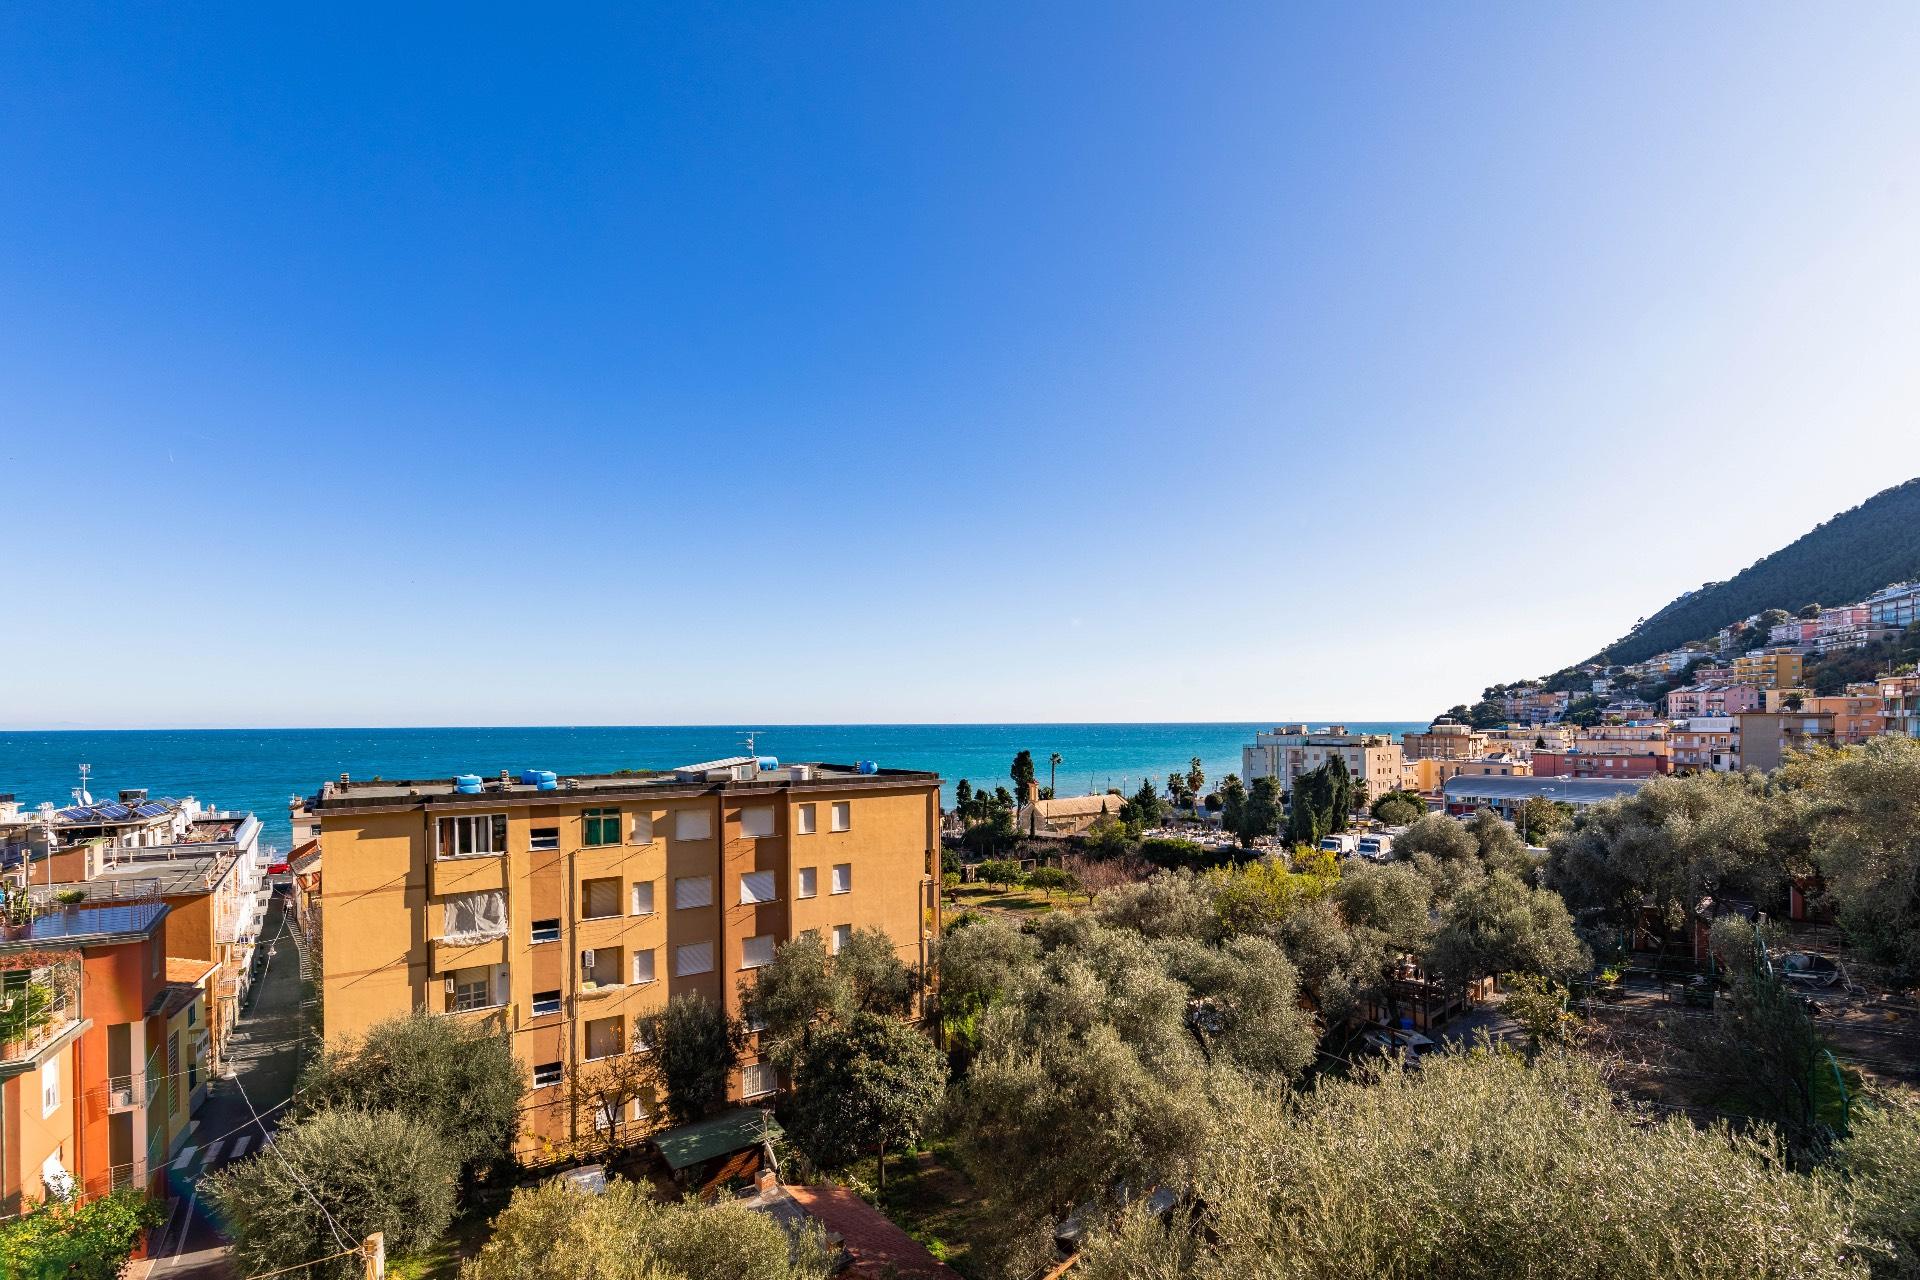 Appartamento in vendita a Laigueglia, 3 locali, prezzo € 390.000 | PortaleAgenzieImmobiliari.it